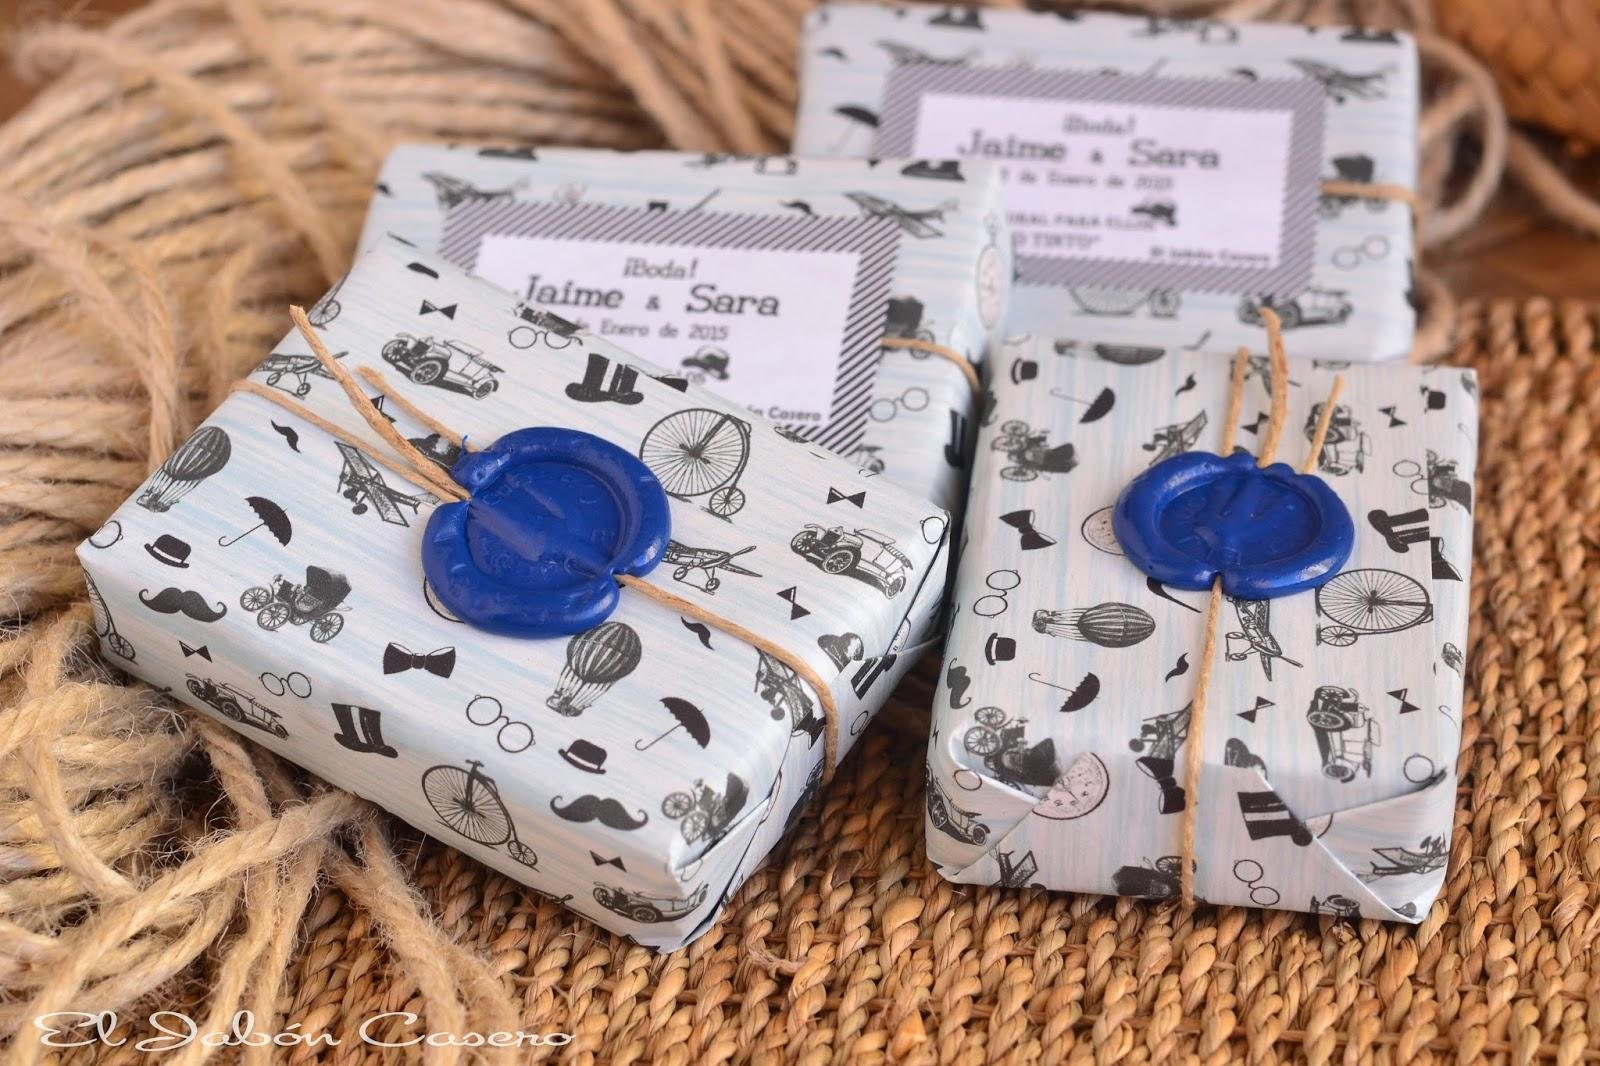 Detalles de boda para hombres jabones personalizados